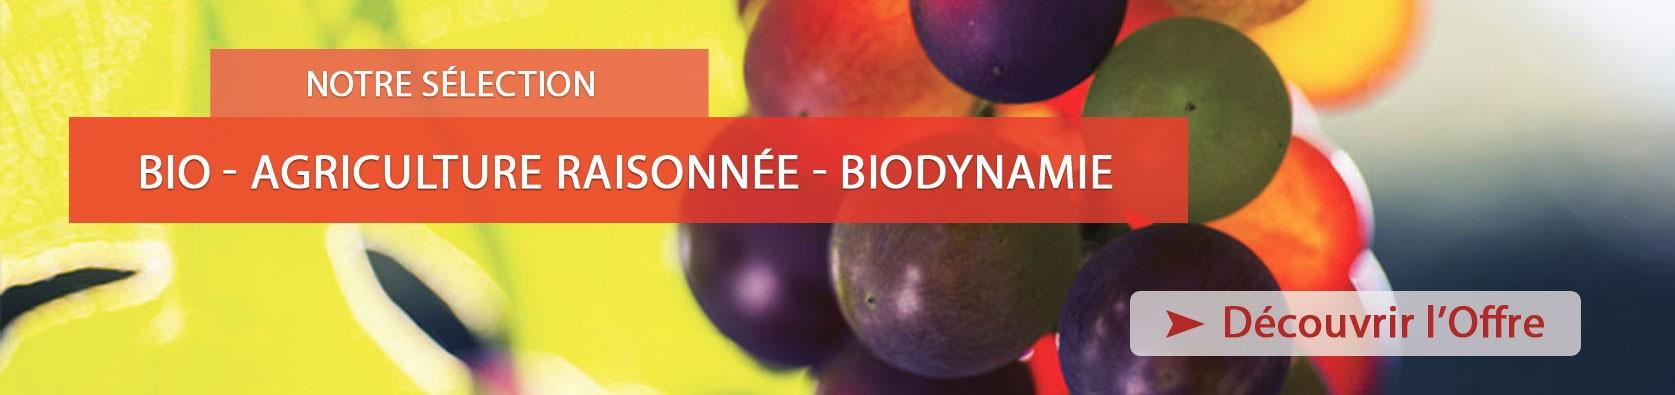 Découvrez notre sélection de vins bio